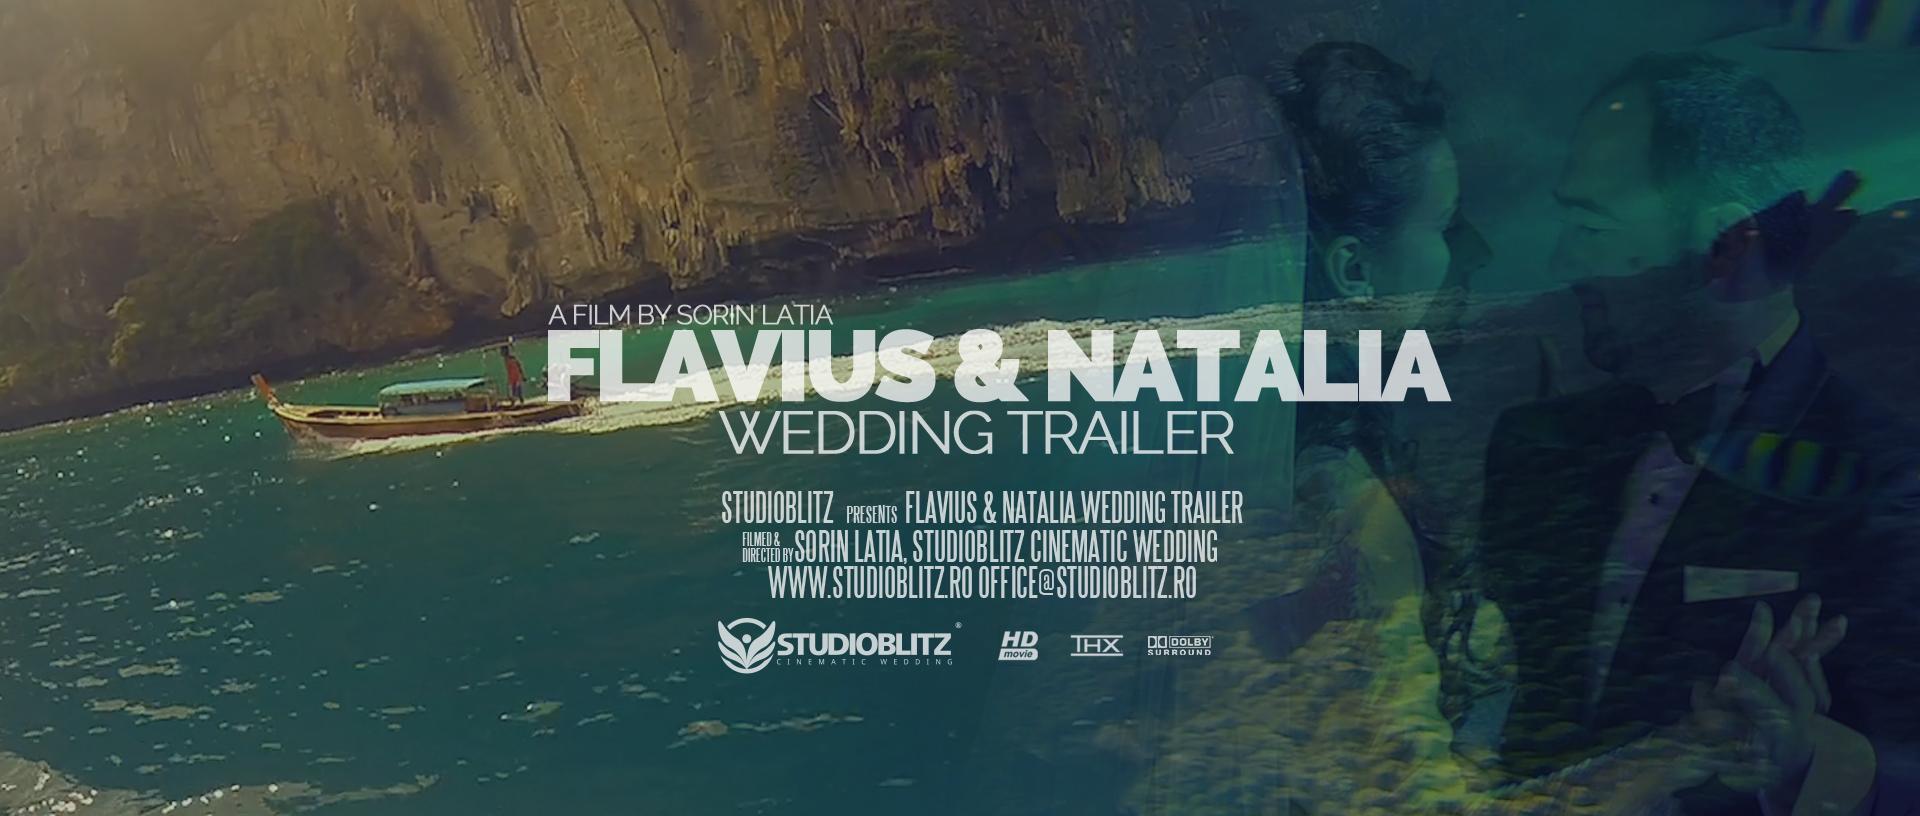 coperta-cameraman-profesionist-arges-flavius-natalia-trailer